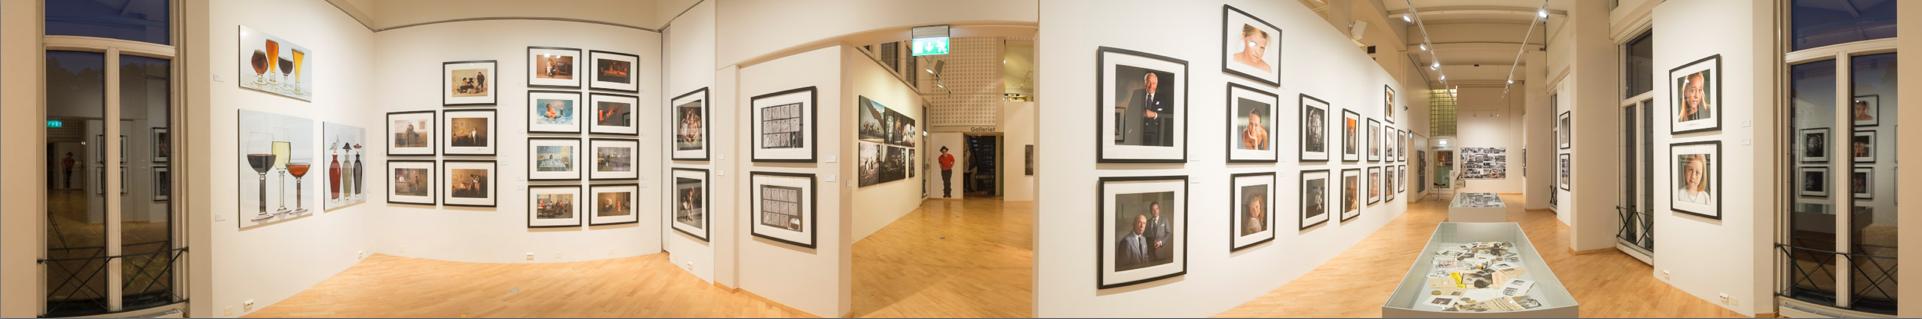 Panorama 3 fra utstillingen på Drammen Museum